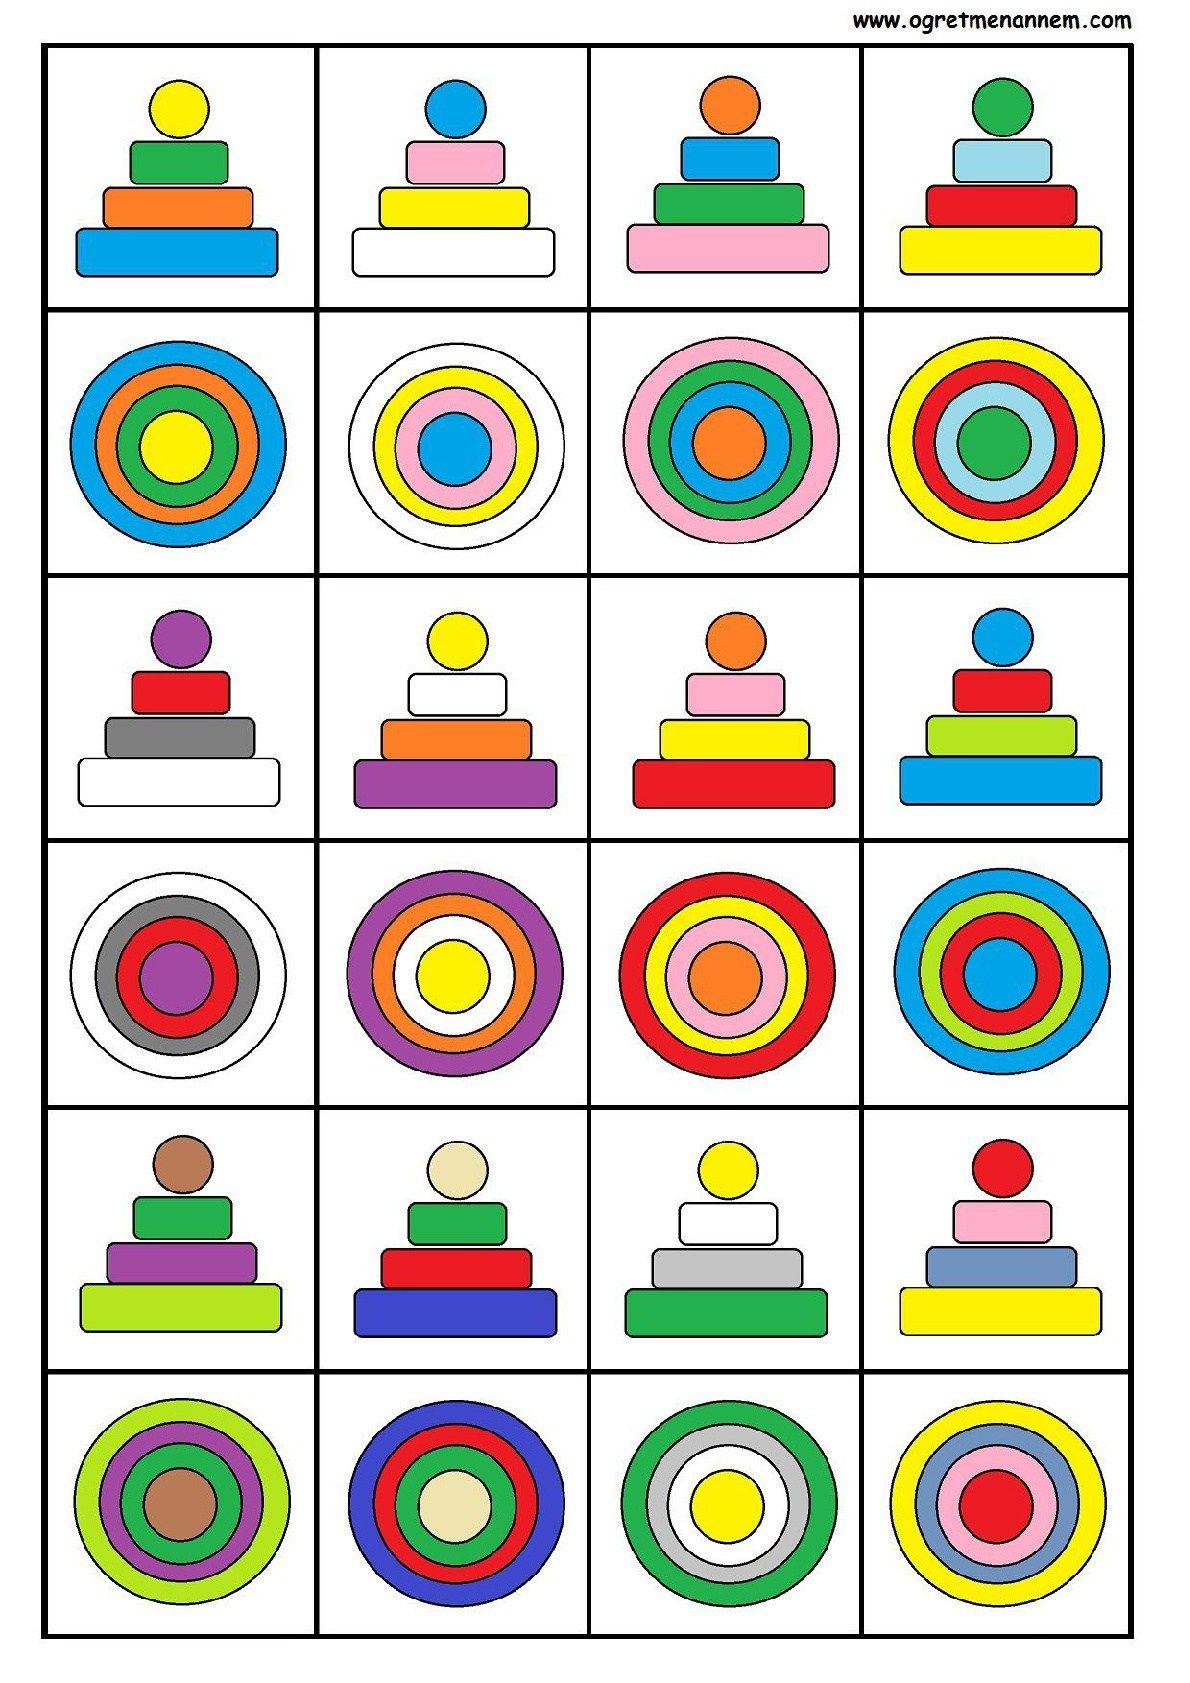 Percepcion Visual Espacial Tarjetas Con Formas Y Colores